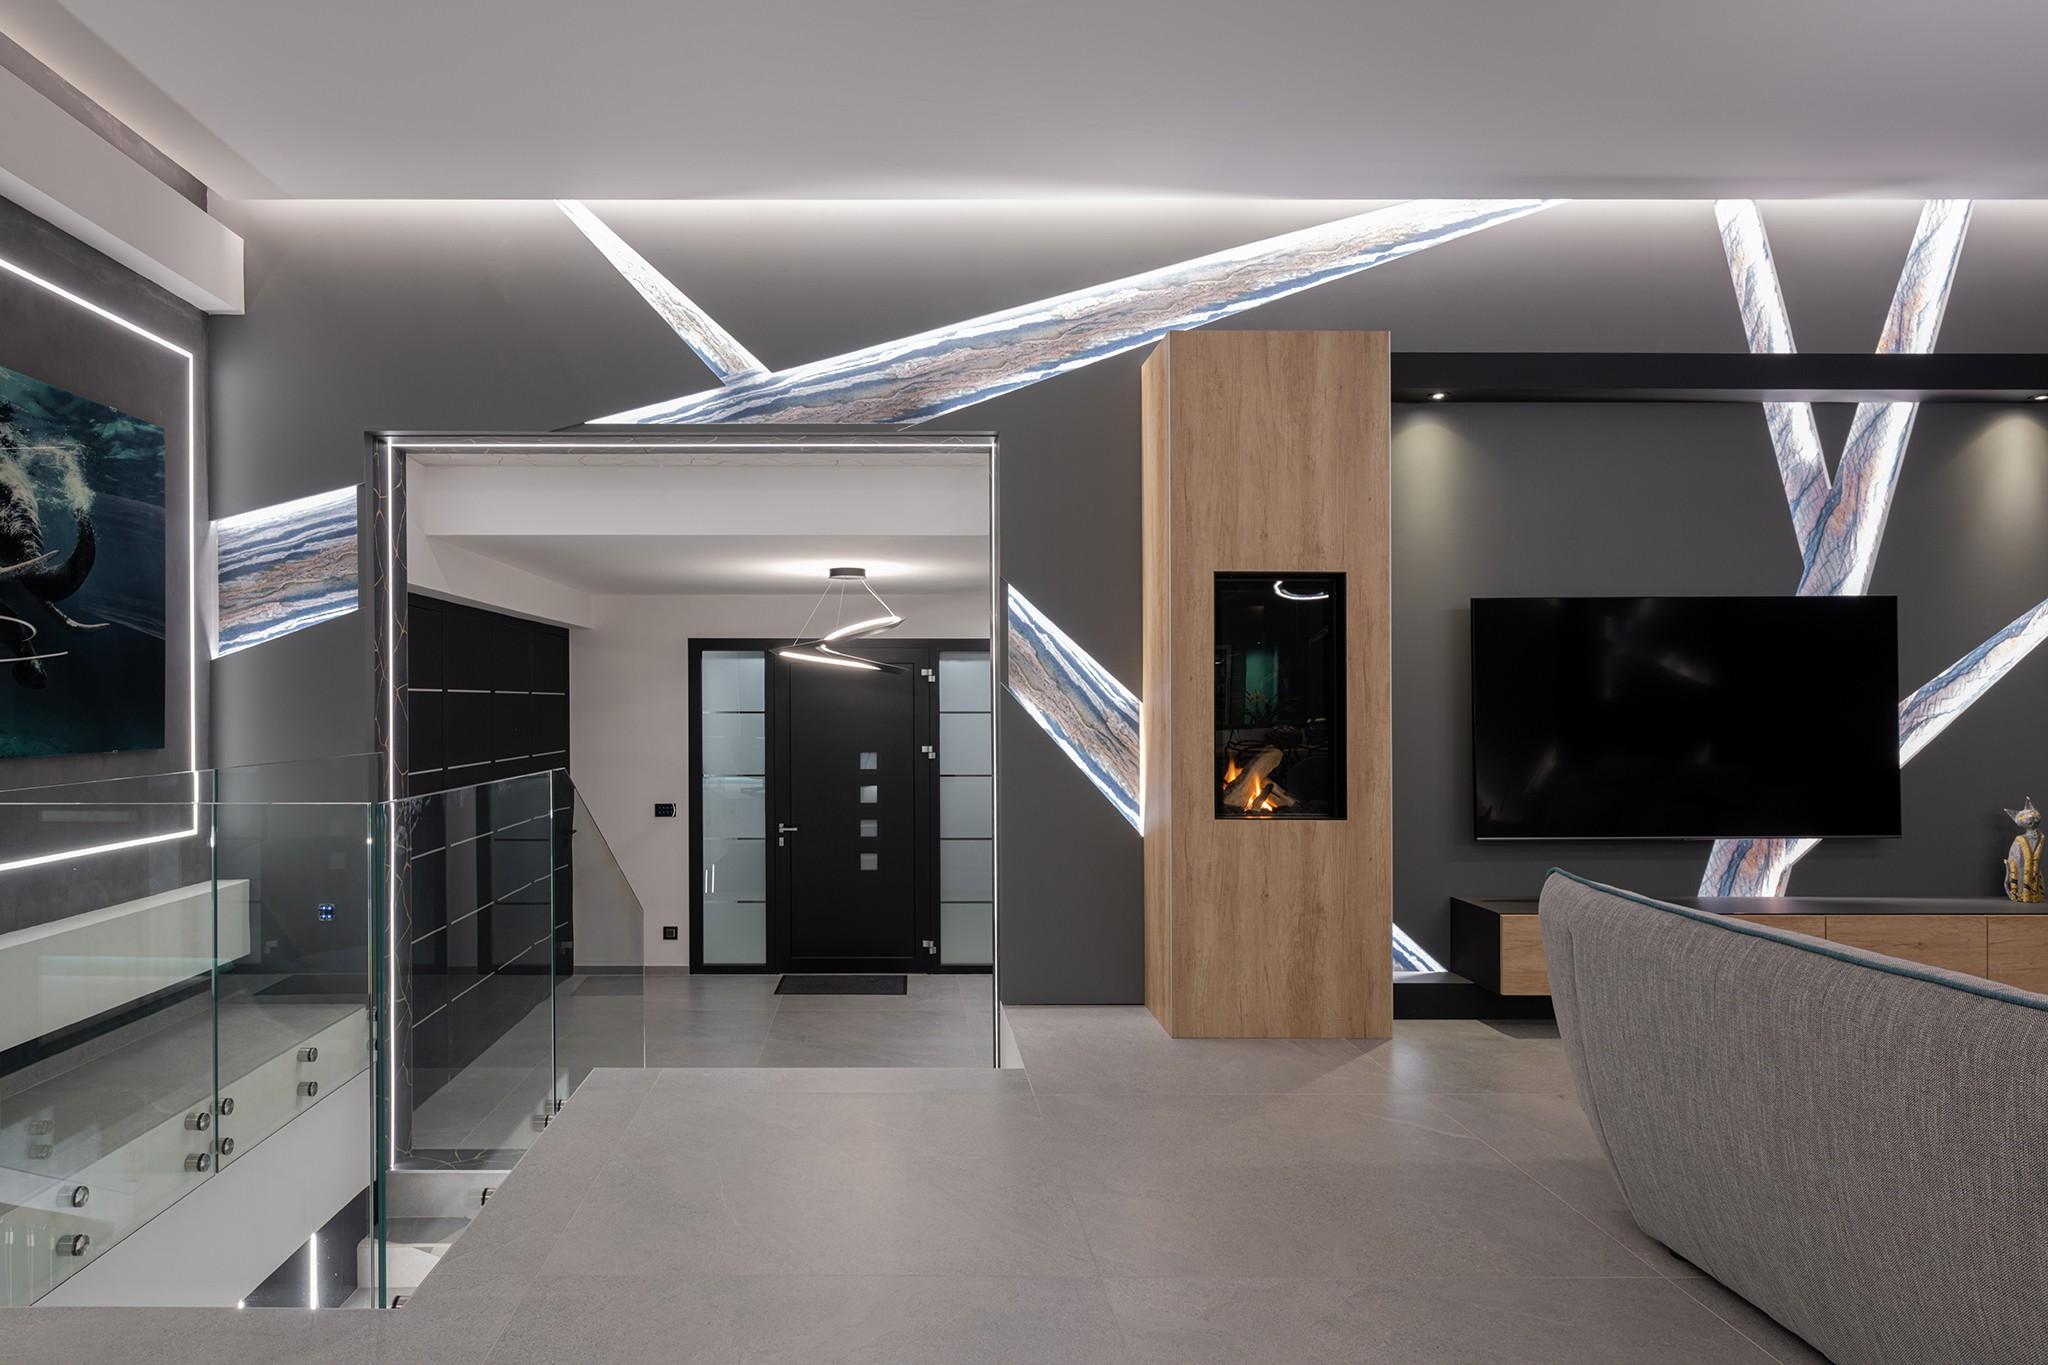 Maison atypique dessinée par un architecte d'intérieur